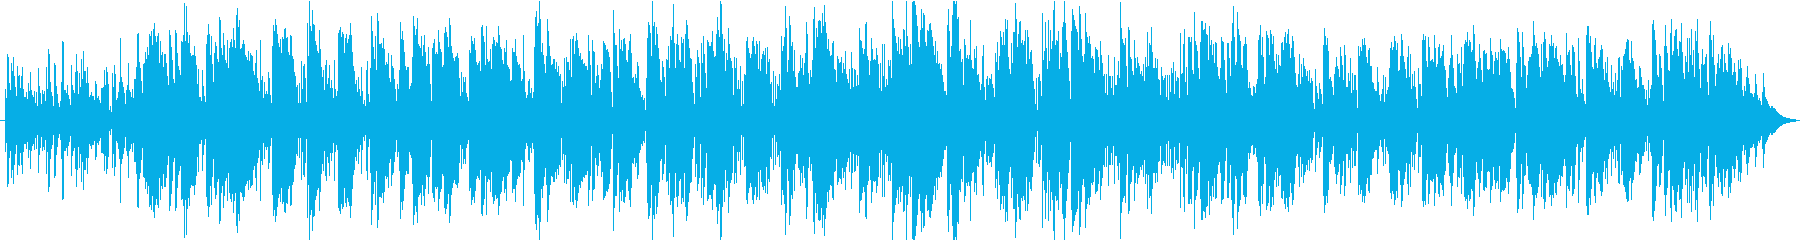 バイオリン・スロー・大人・おしゃれジャズの再生済みの波形